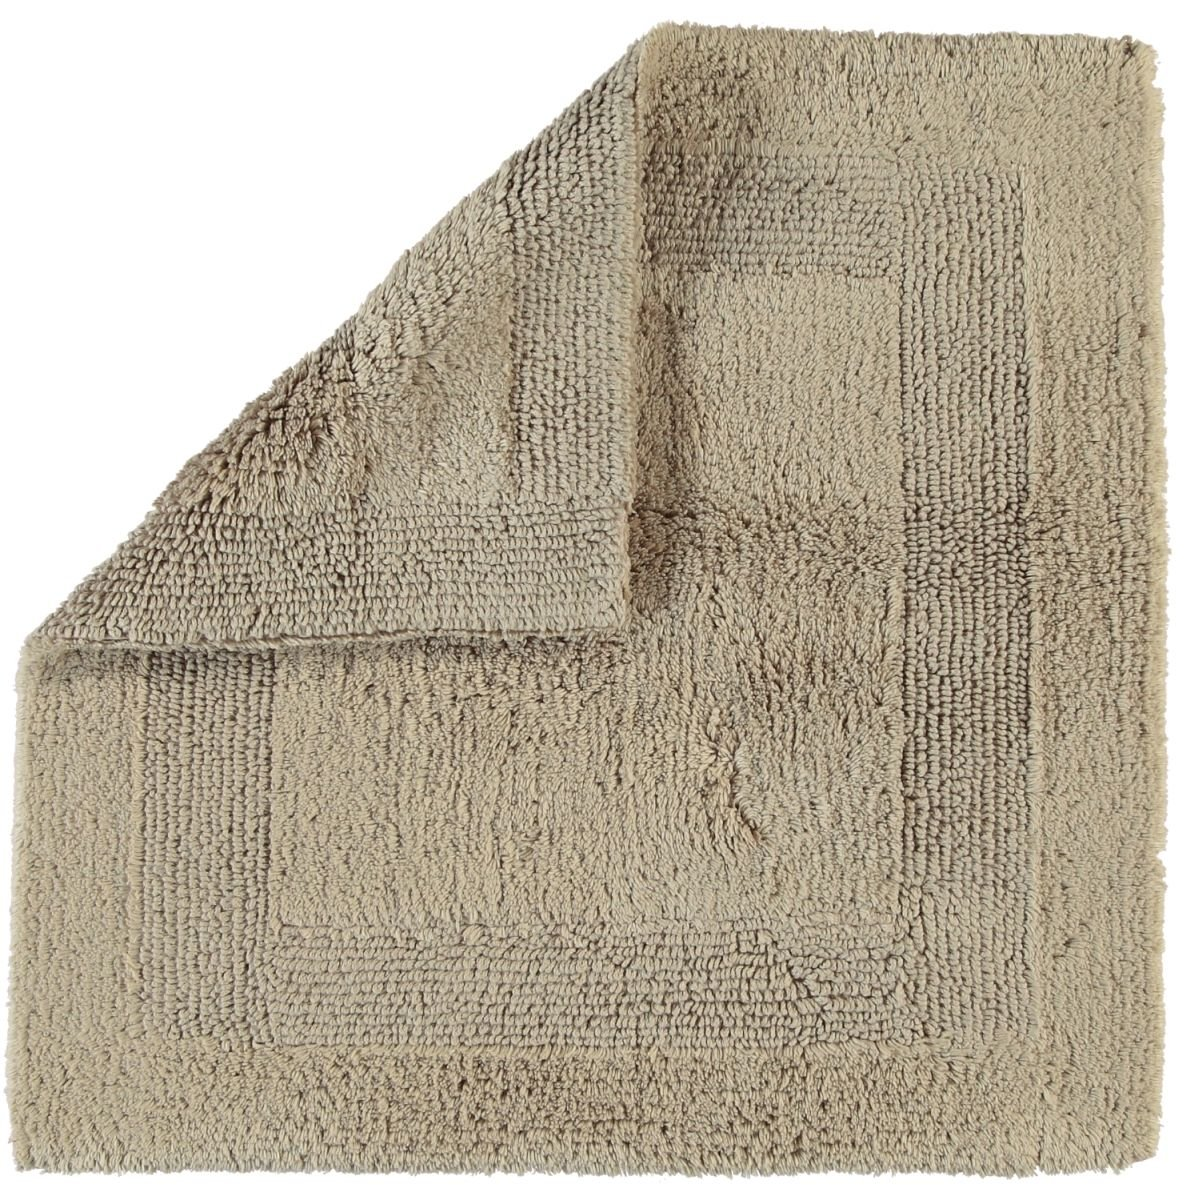 Cawö Wendeteppich Luxus 1000 sand - 375 Größe 60 x 60